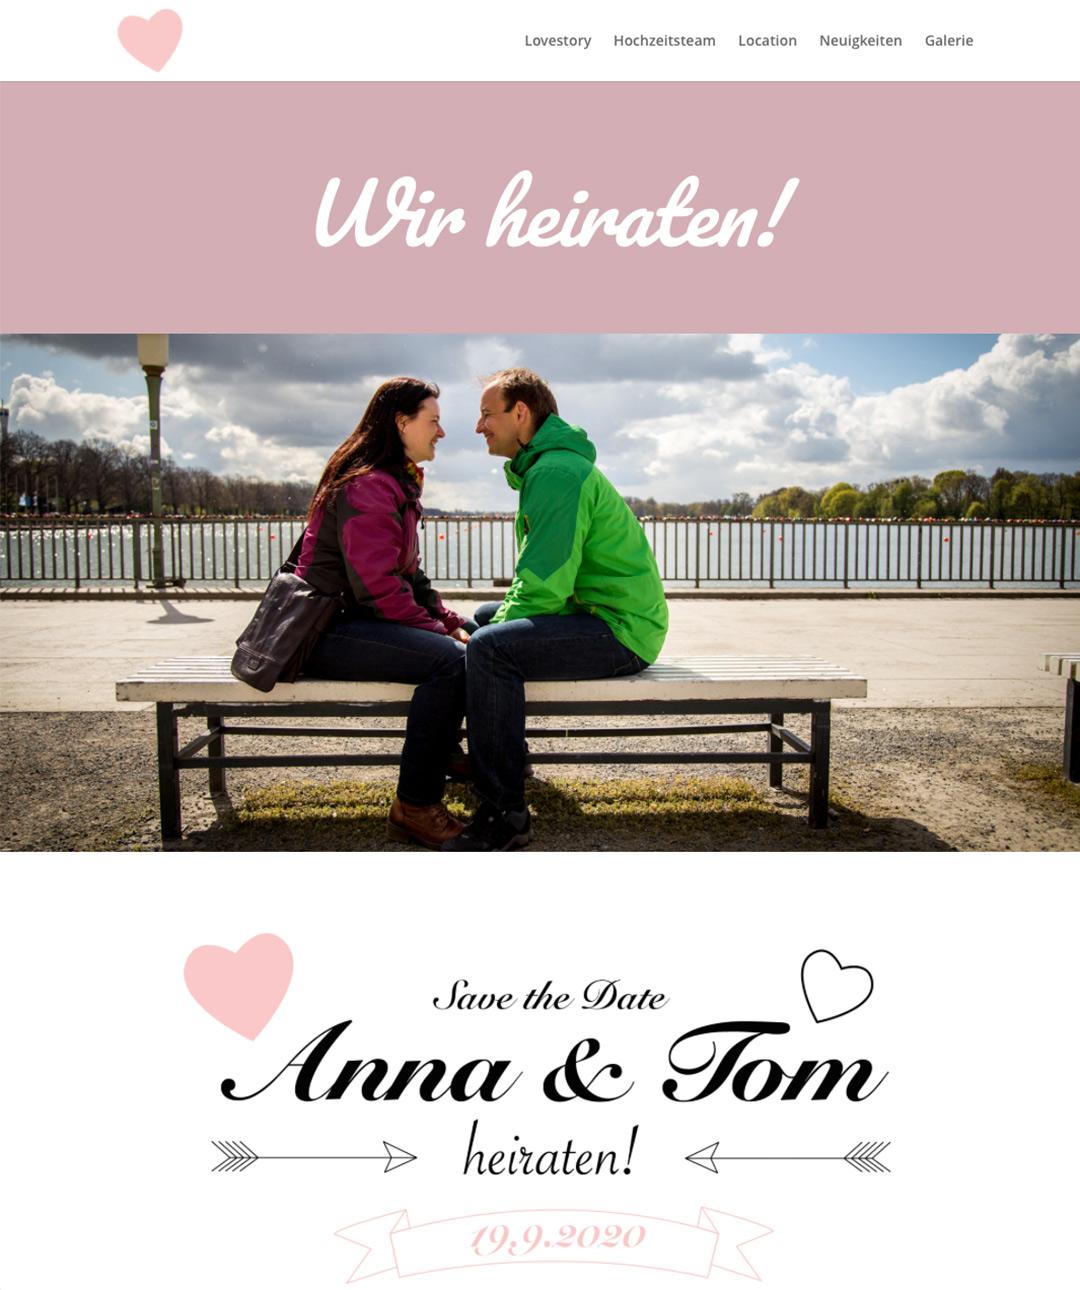 Großartig: eine eigene Wedding-Website.